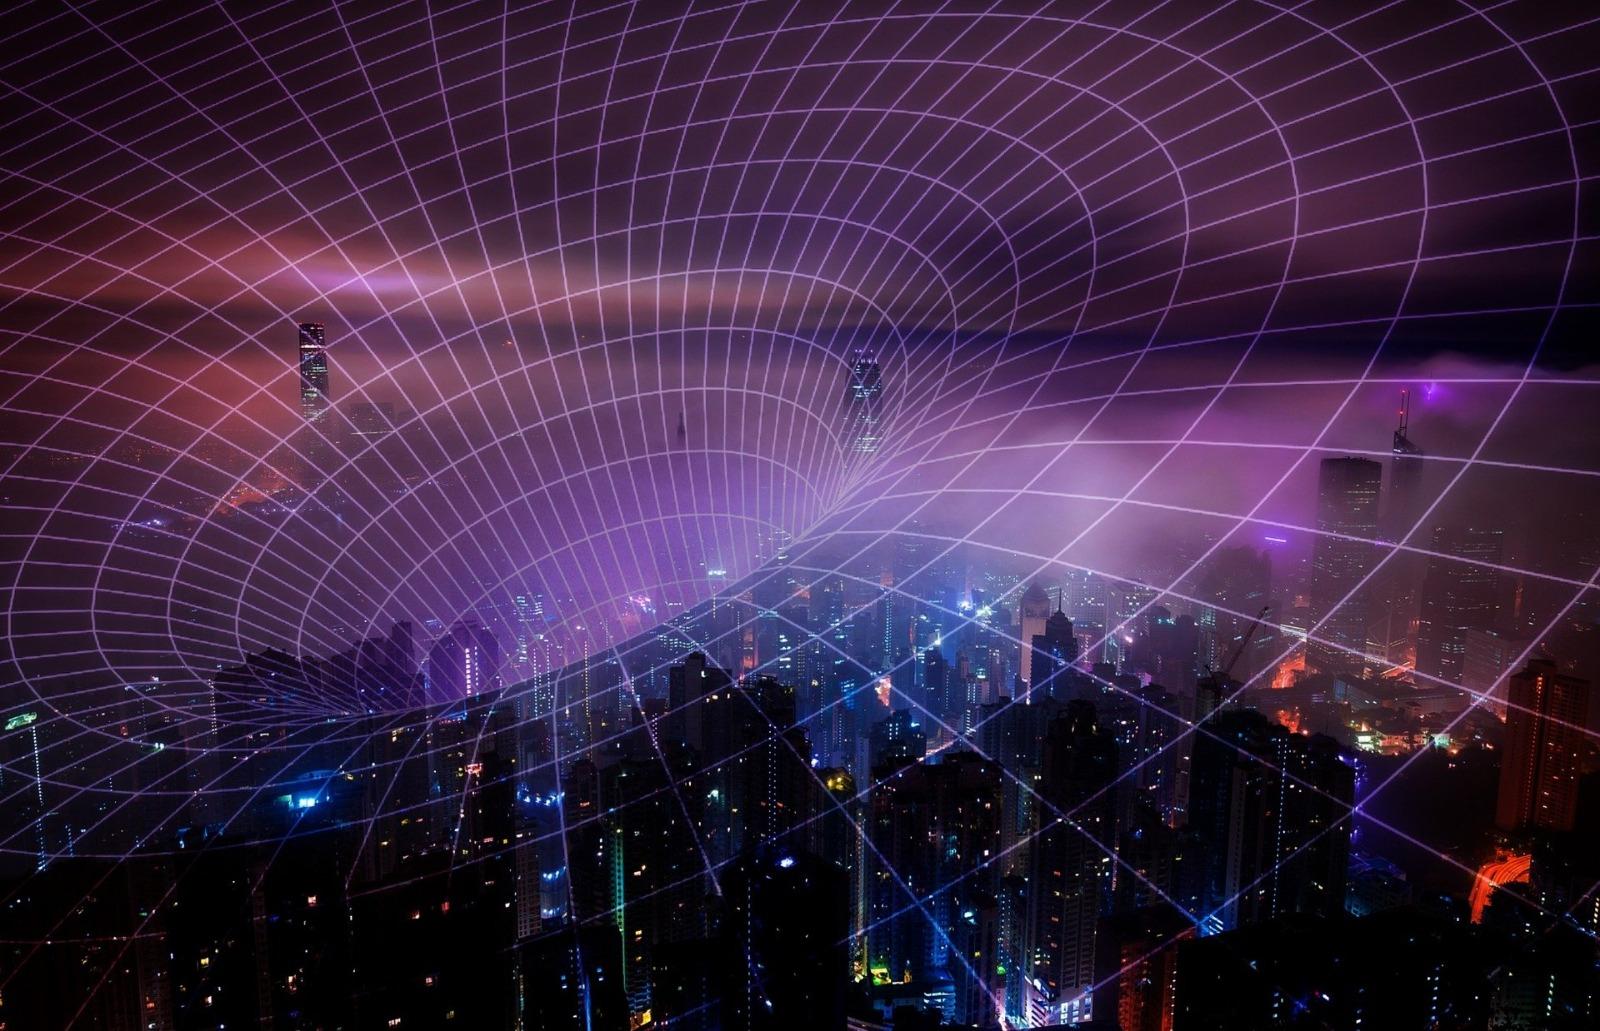 Científicos y asociaciones ALERTAN del PELIGRO de la tecnología 5G. Incluye documental